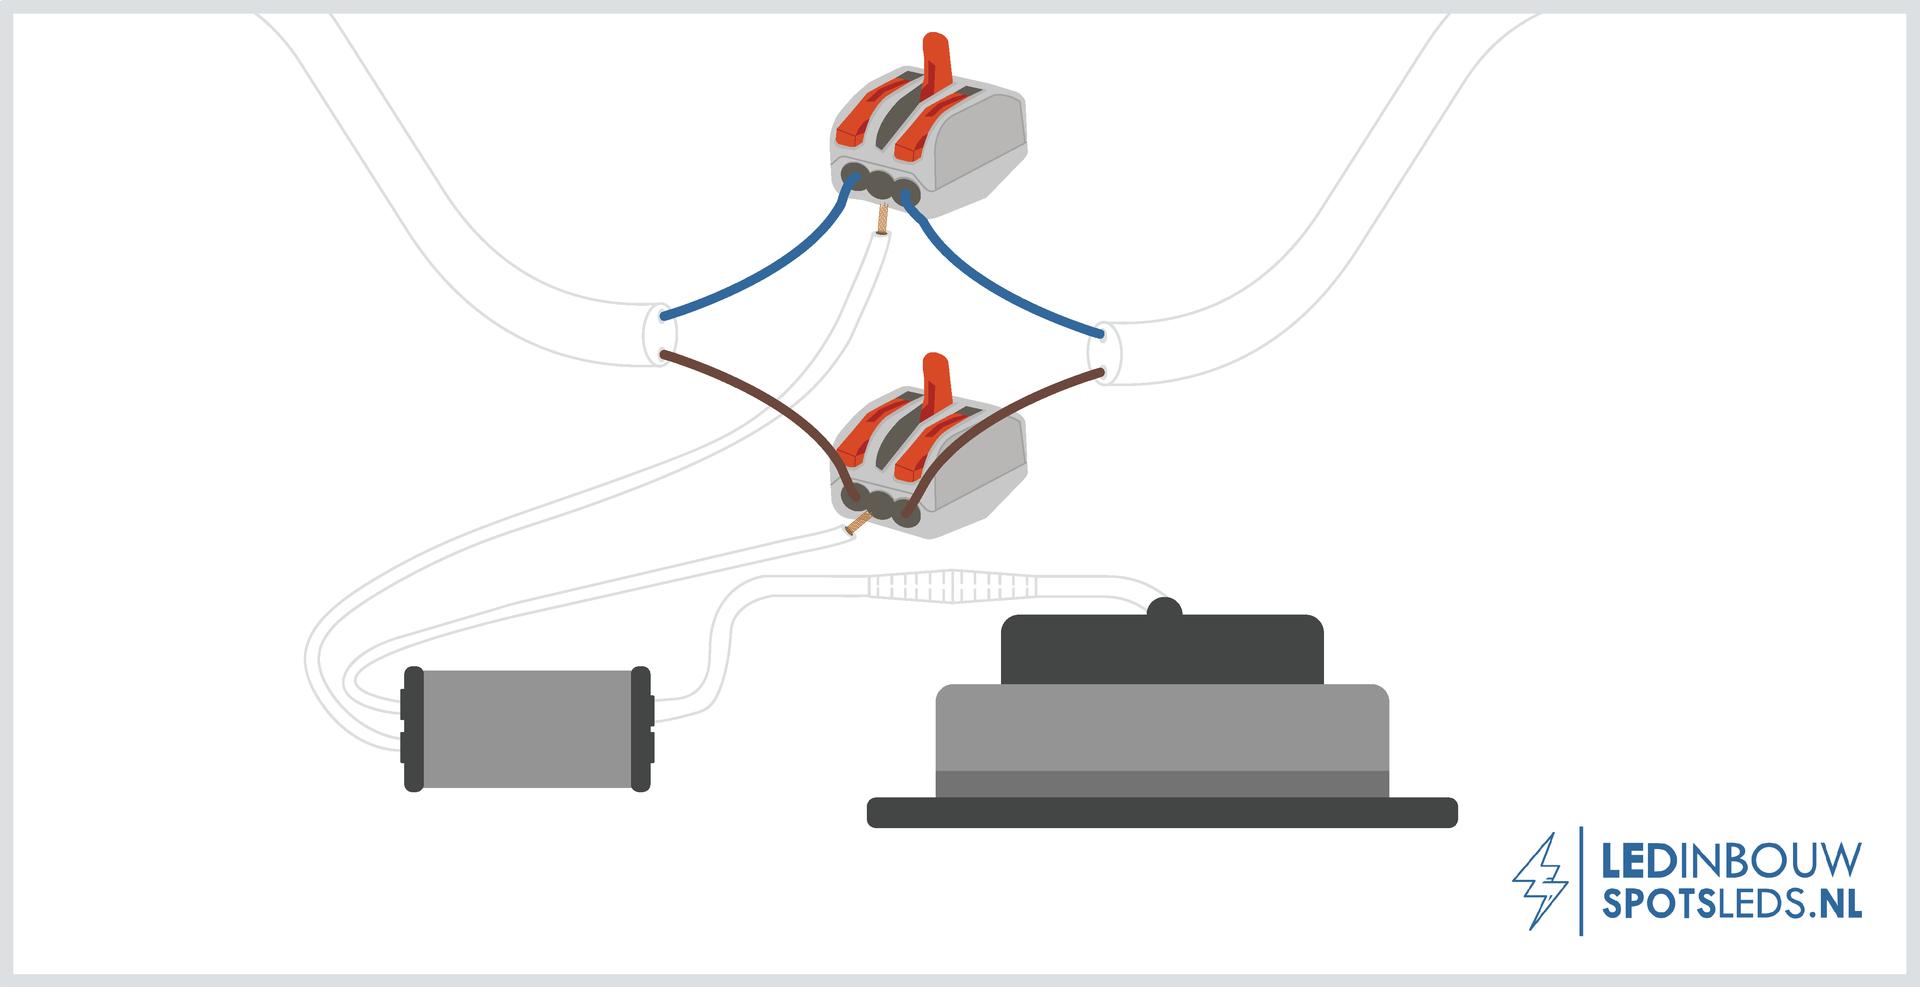 LED inbouwspots installeren - stap 6 externe trafo